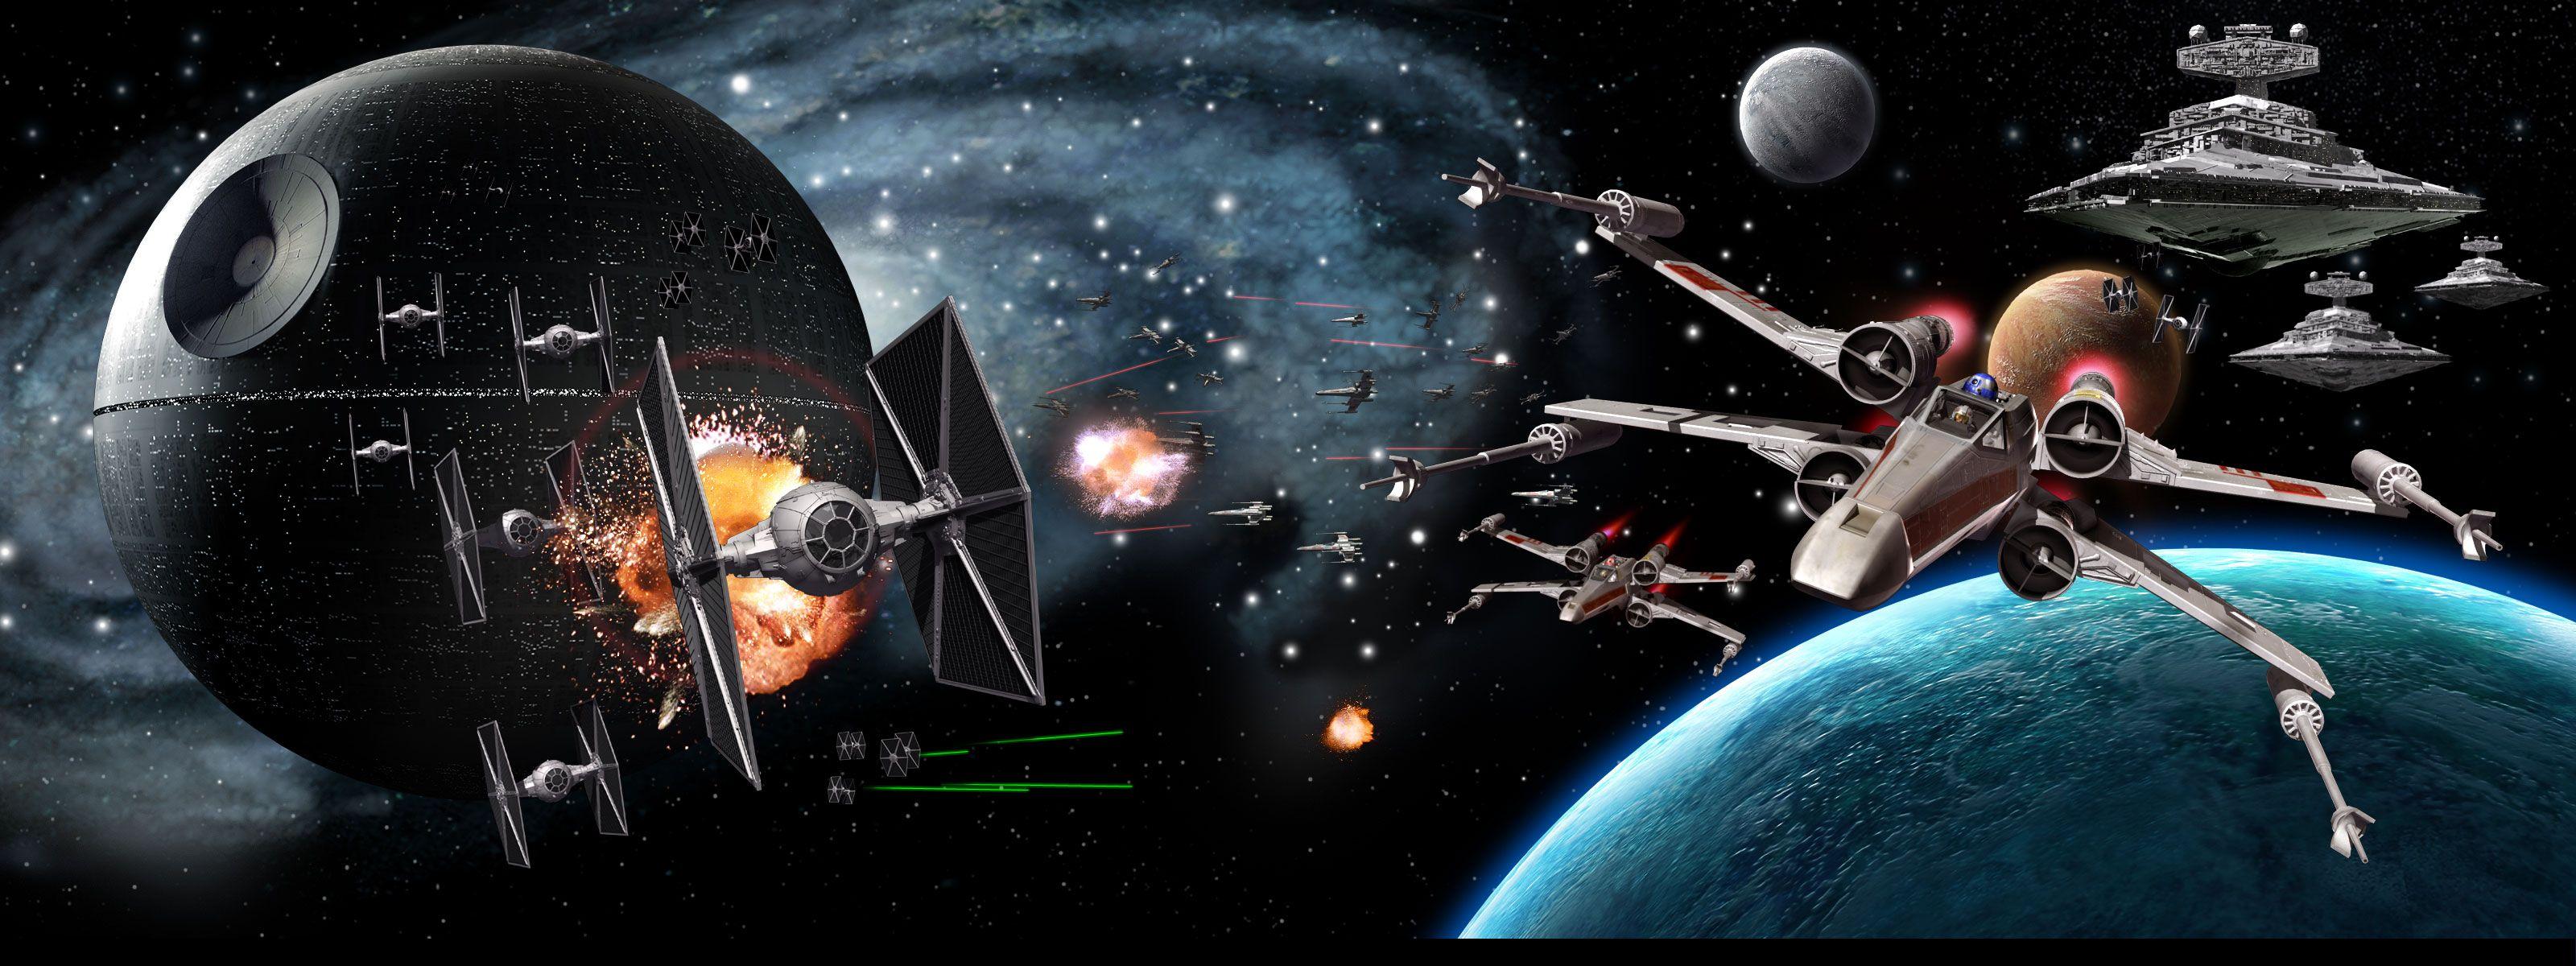 death star background 005